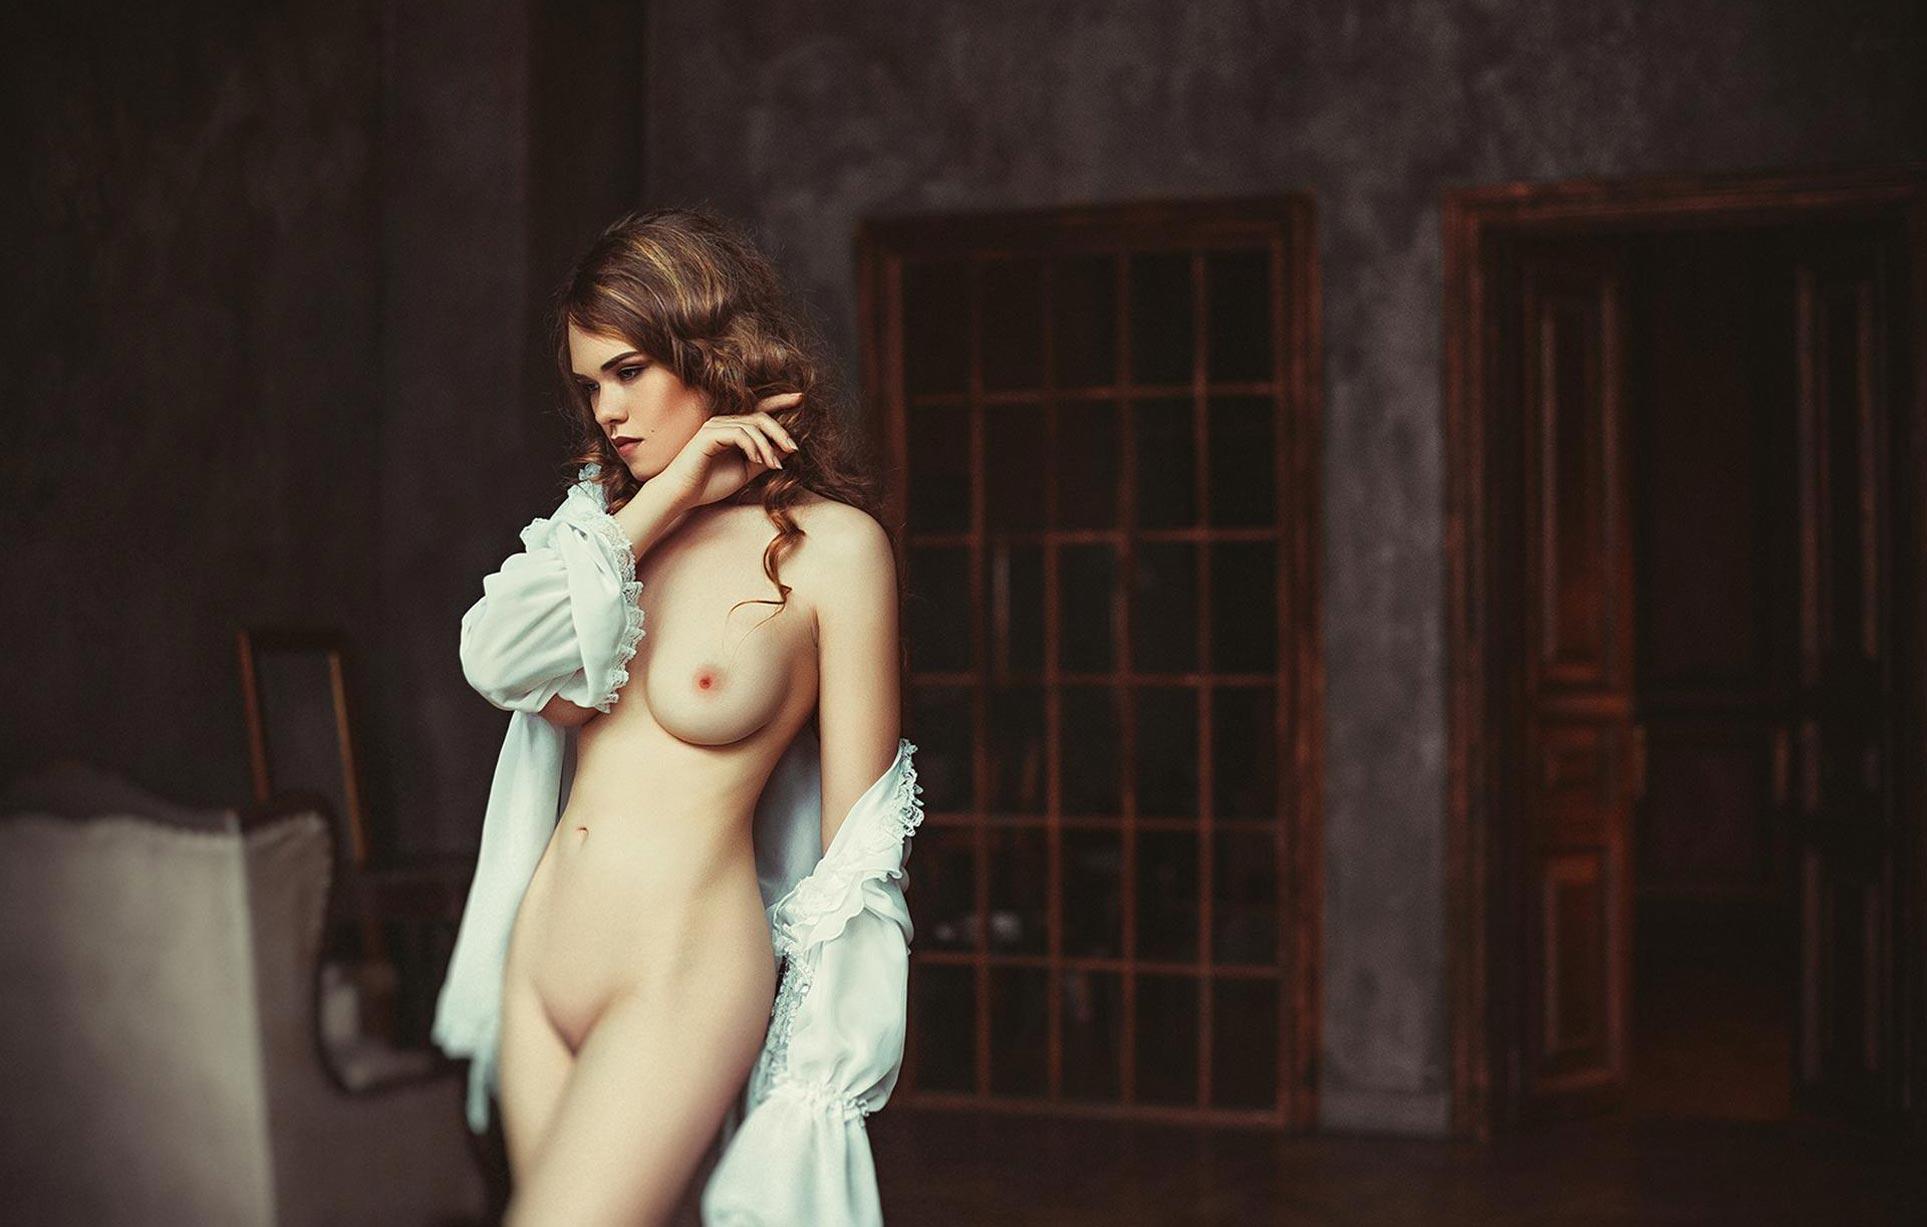 голая модель в винтажных интерьерах / сексуальная Эллина Мюллер / фото 16